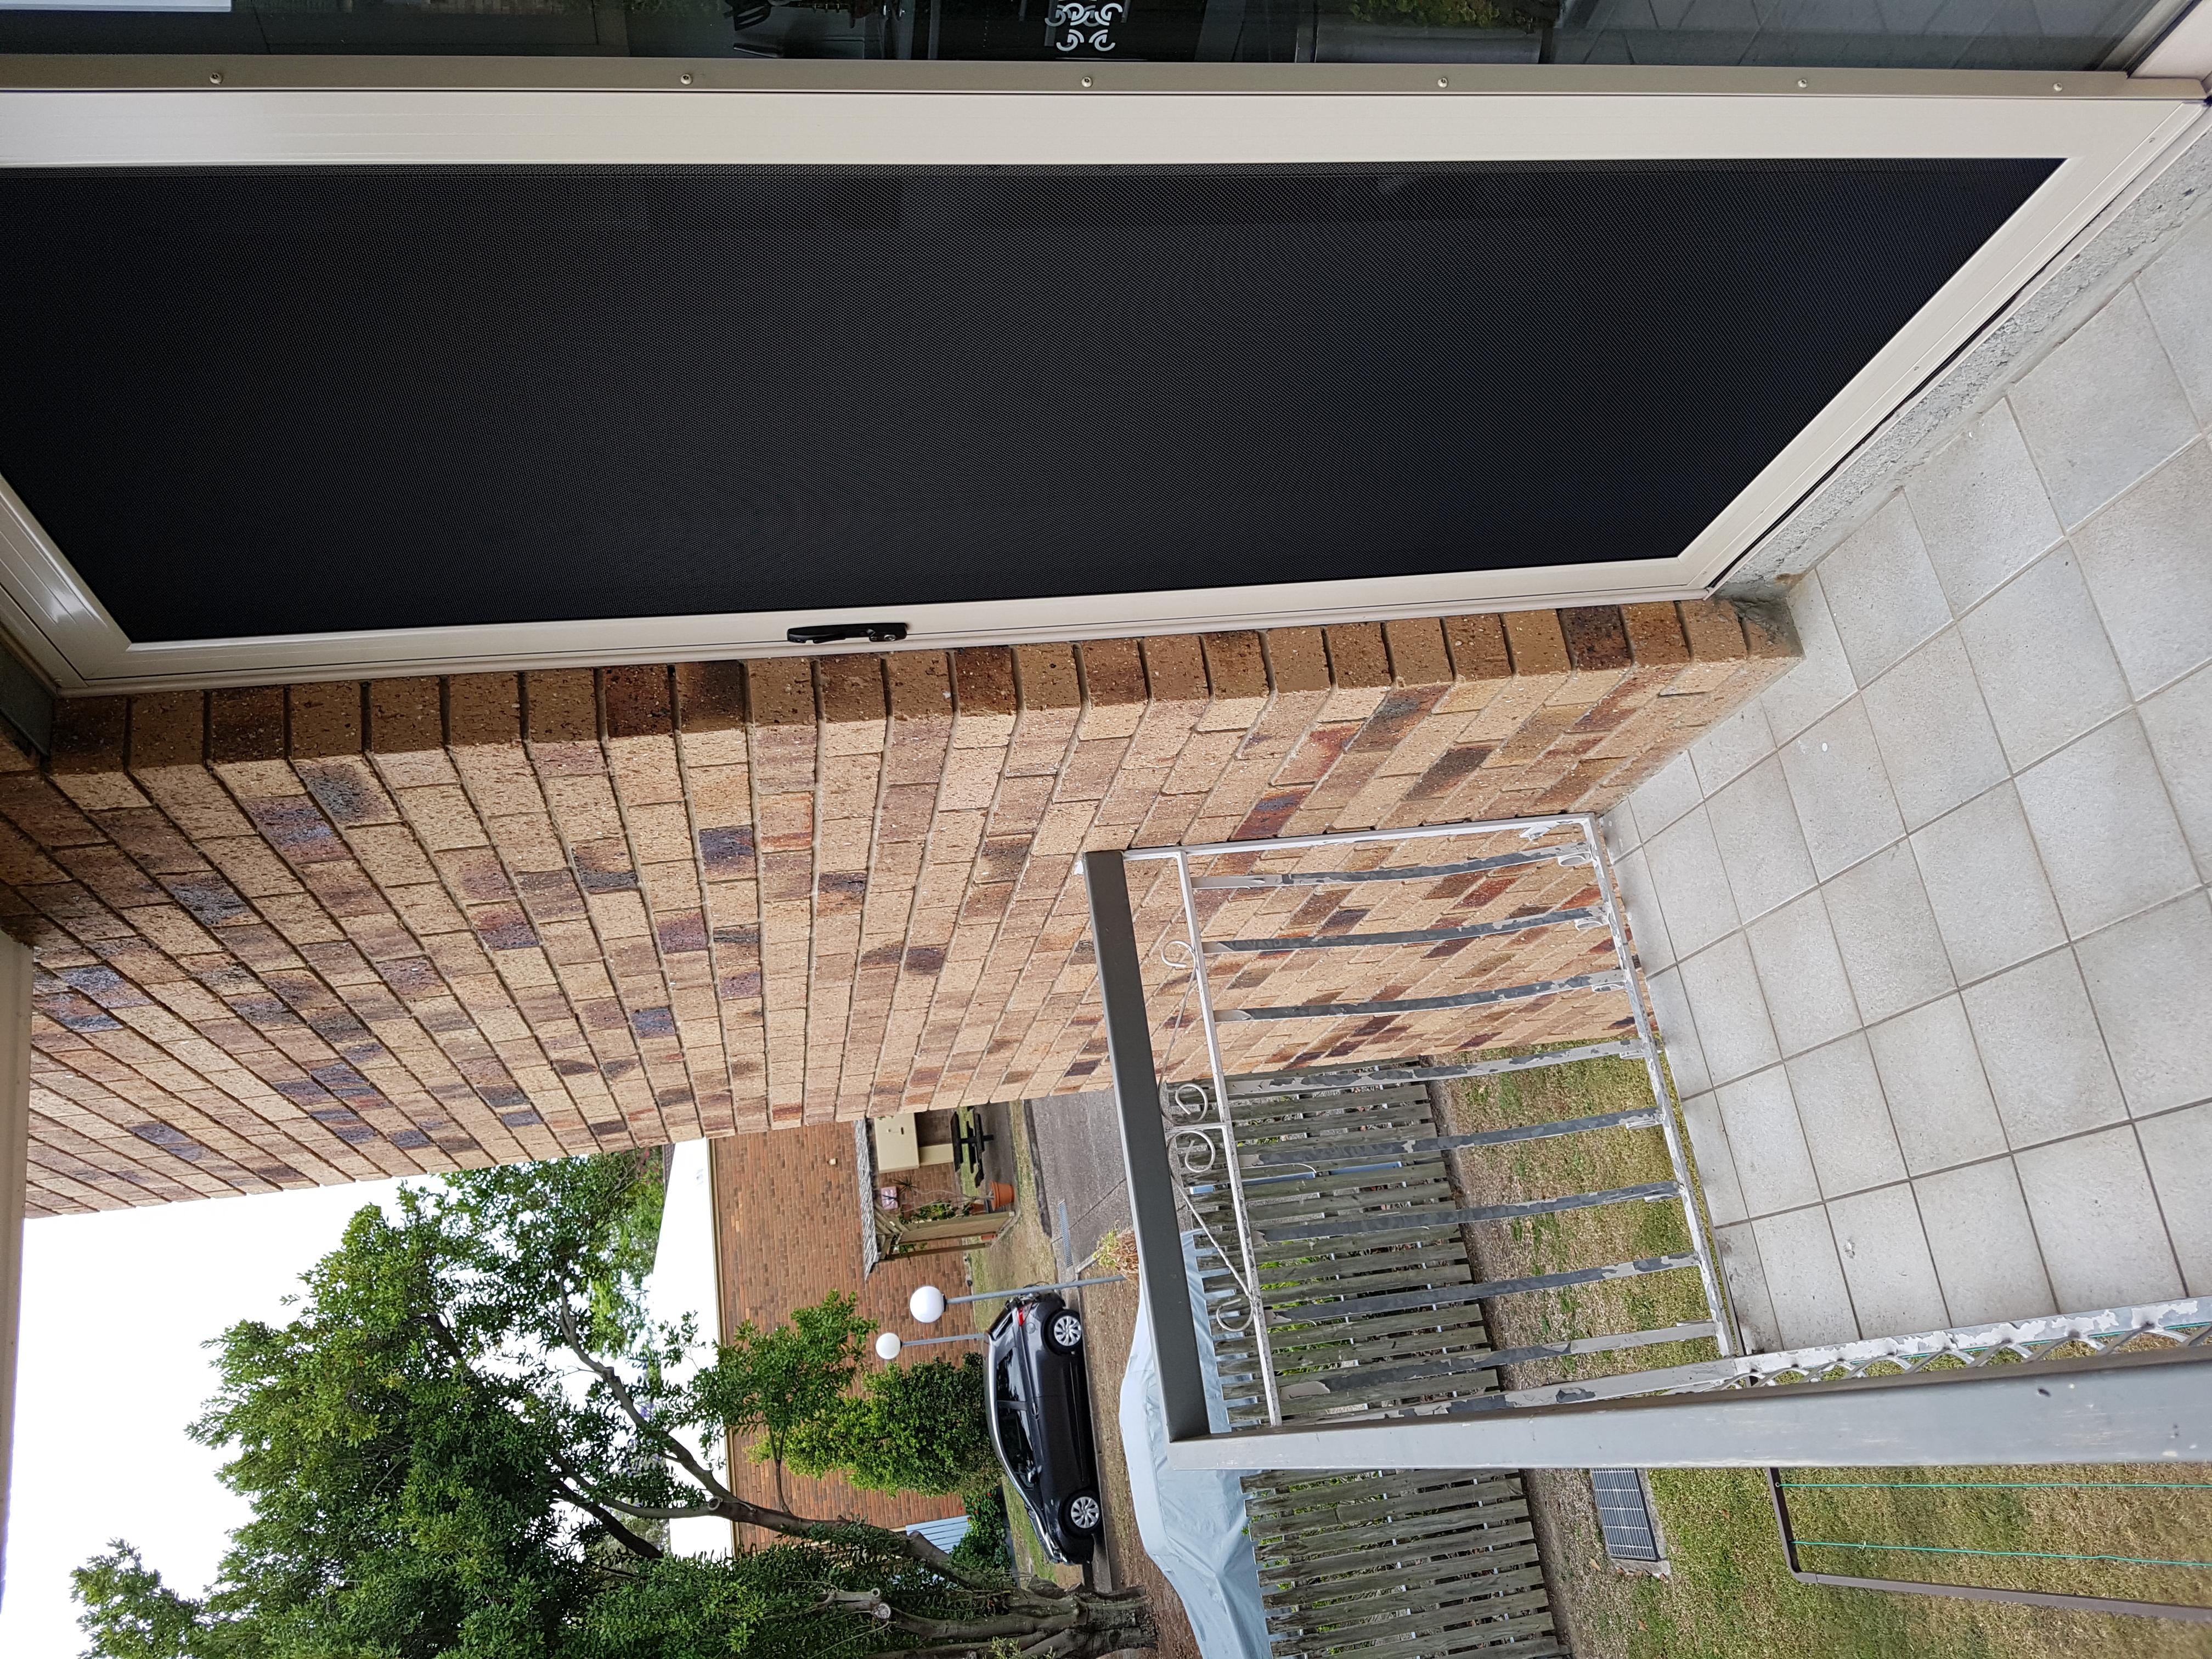 Coorparoo - sliding security door to balcony